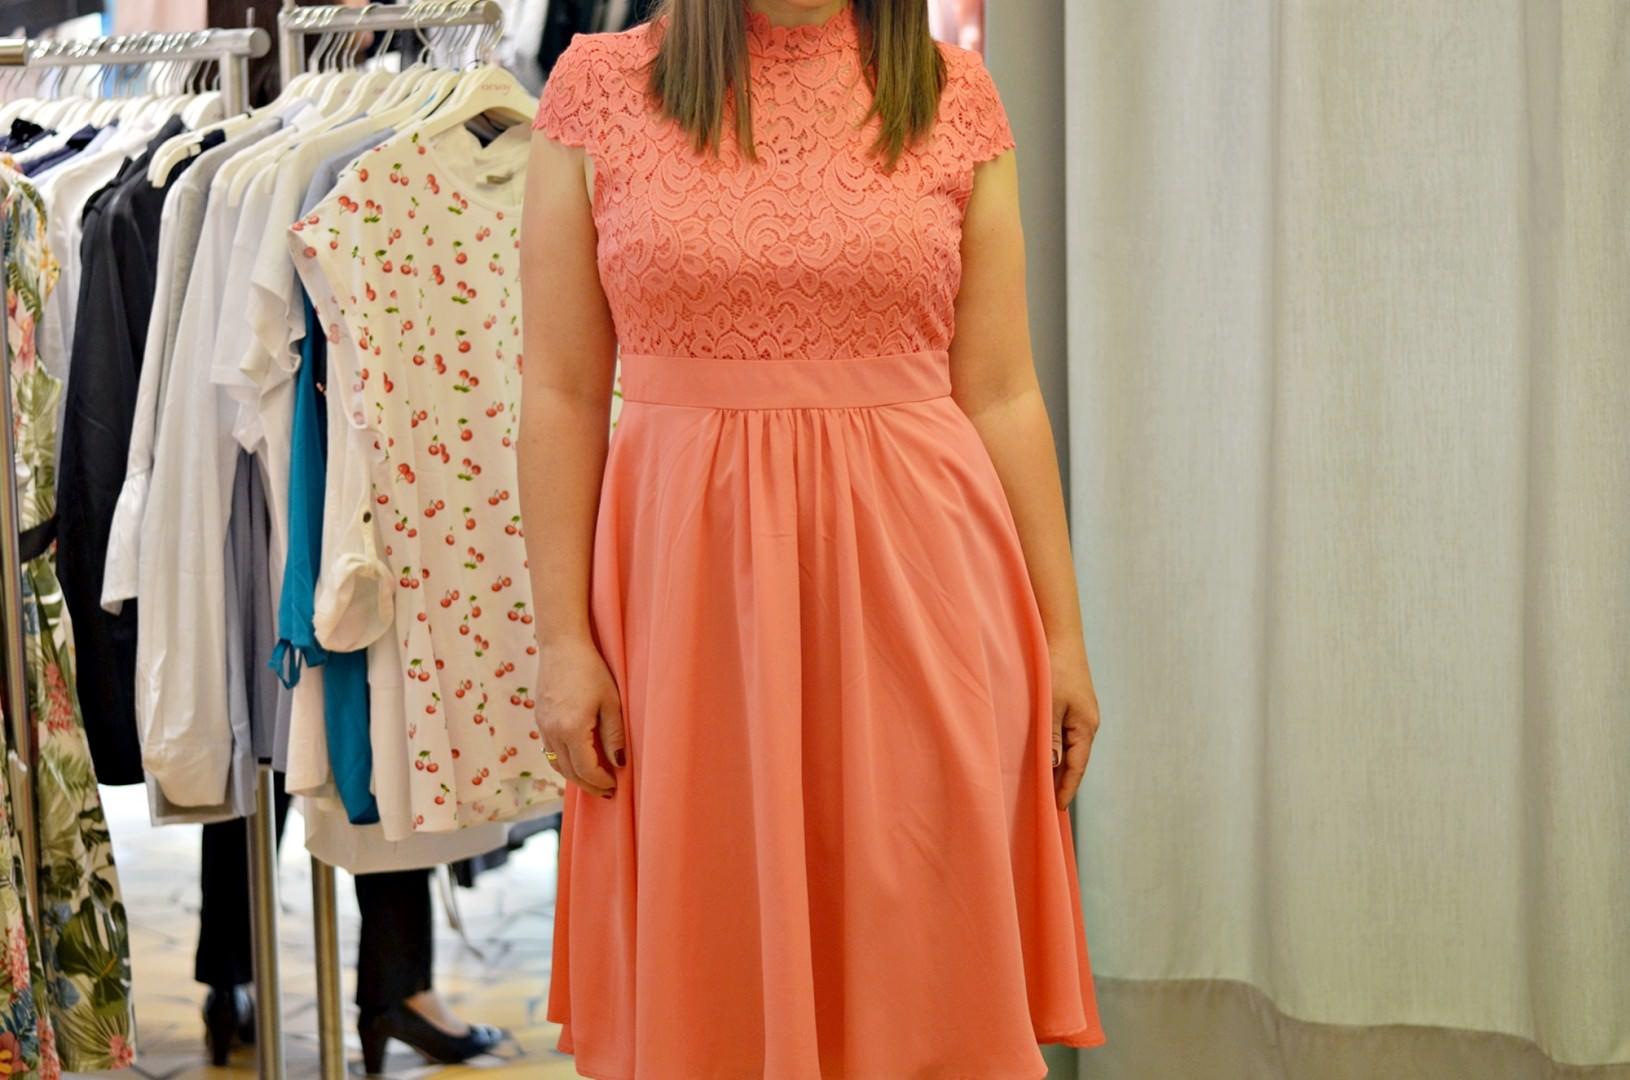 Eleganckie, rozkloszowane sukienki na wesele w których będziesz wyglądać olśniewająco!